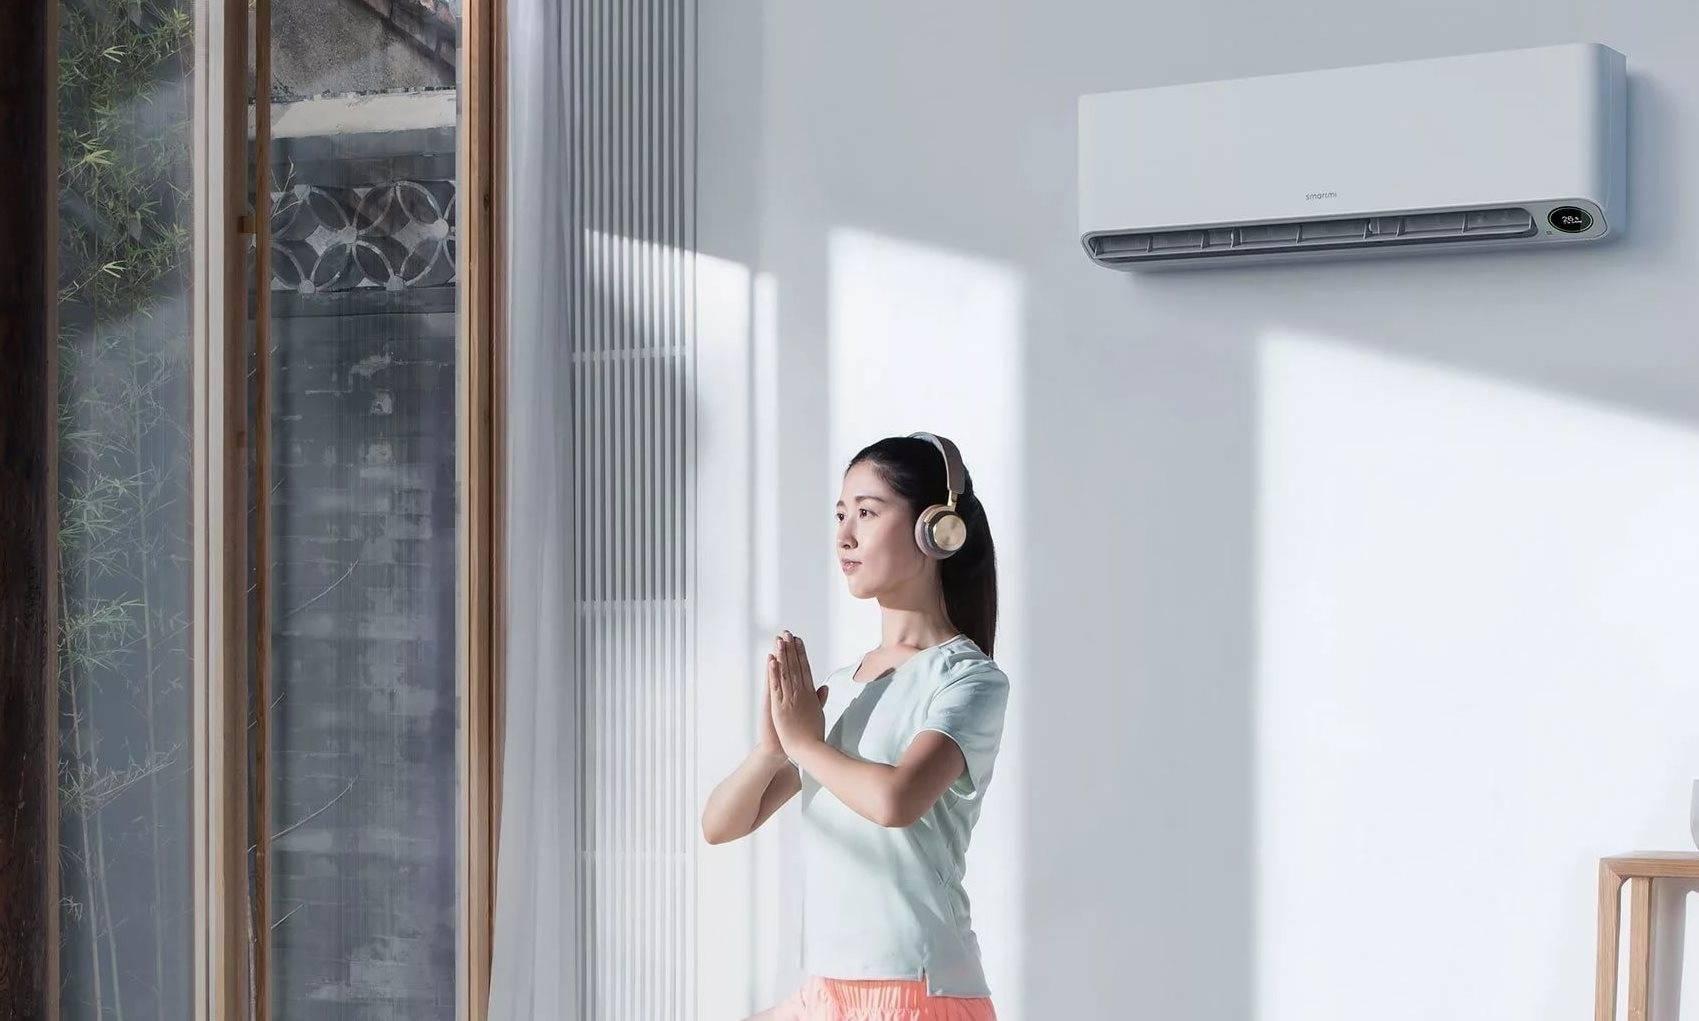 Как выбрать кондиционер для квартиры и дома